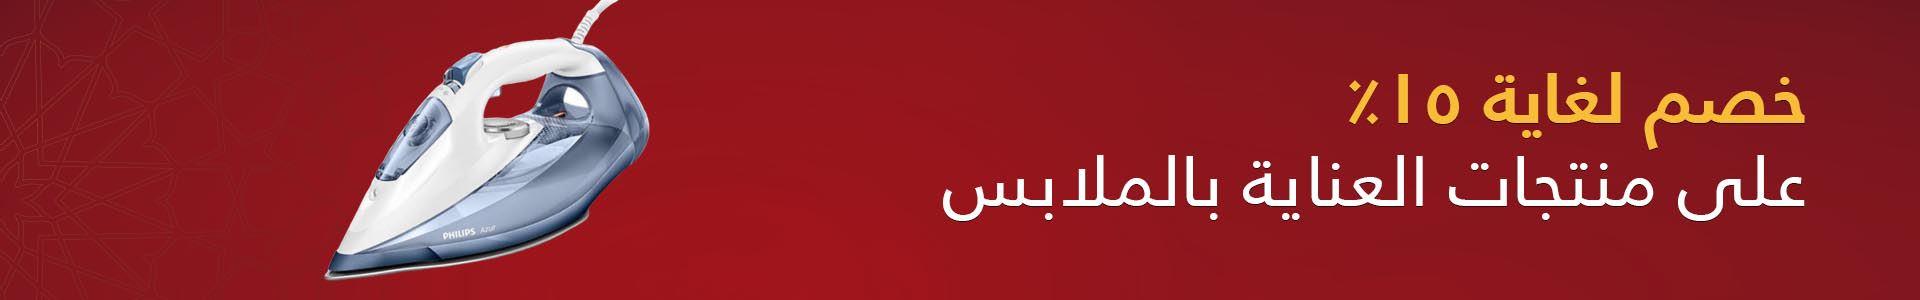 عروض xcite فى رمضان 2020 مكاوي